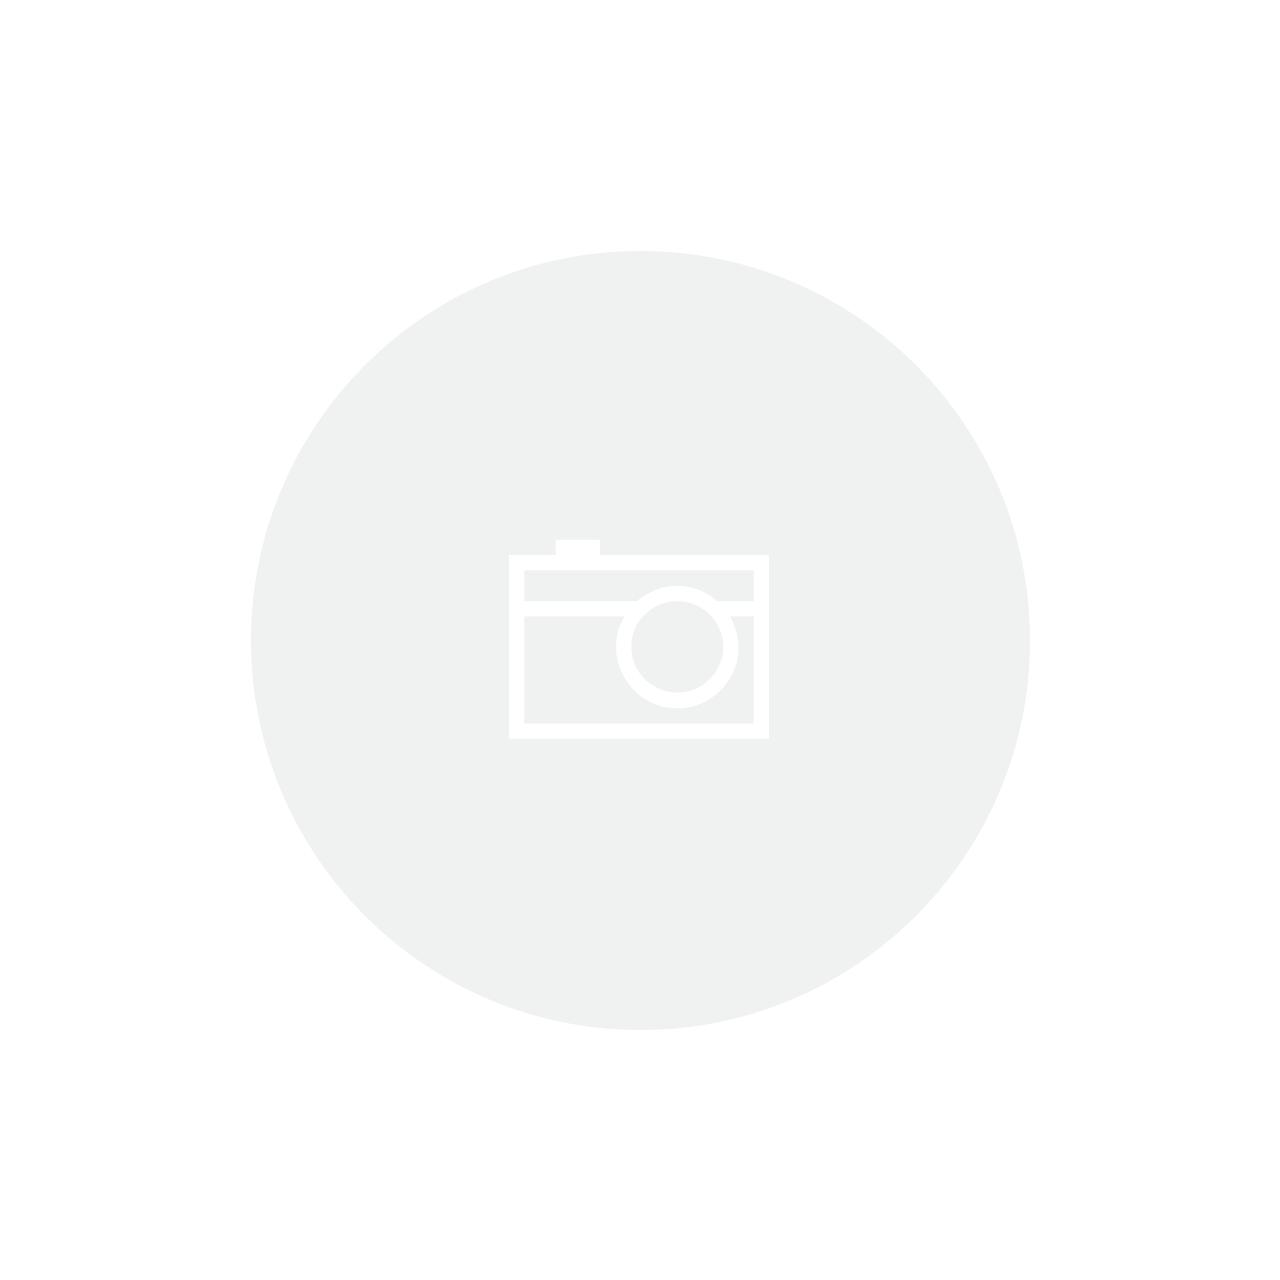 JUNÇÃO SHIMANO SM-EW90-A DURA ACE P/ DI2 (ISMEW90A)